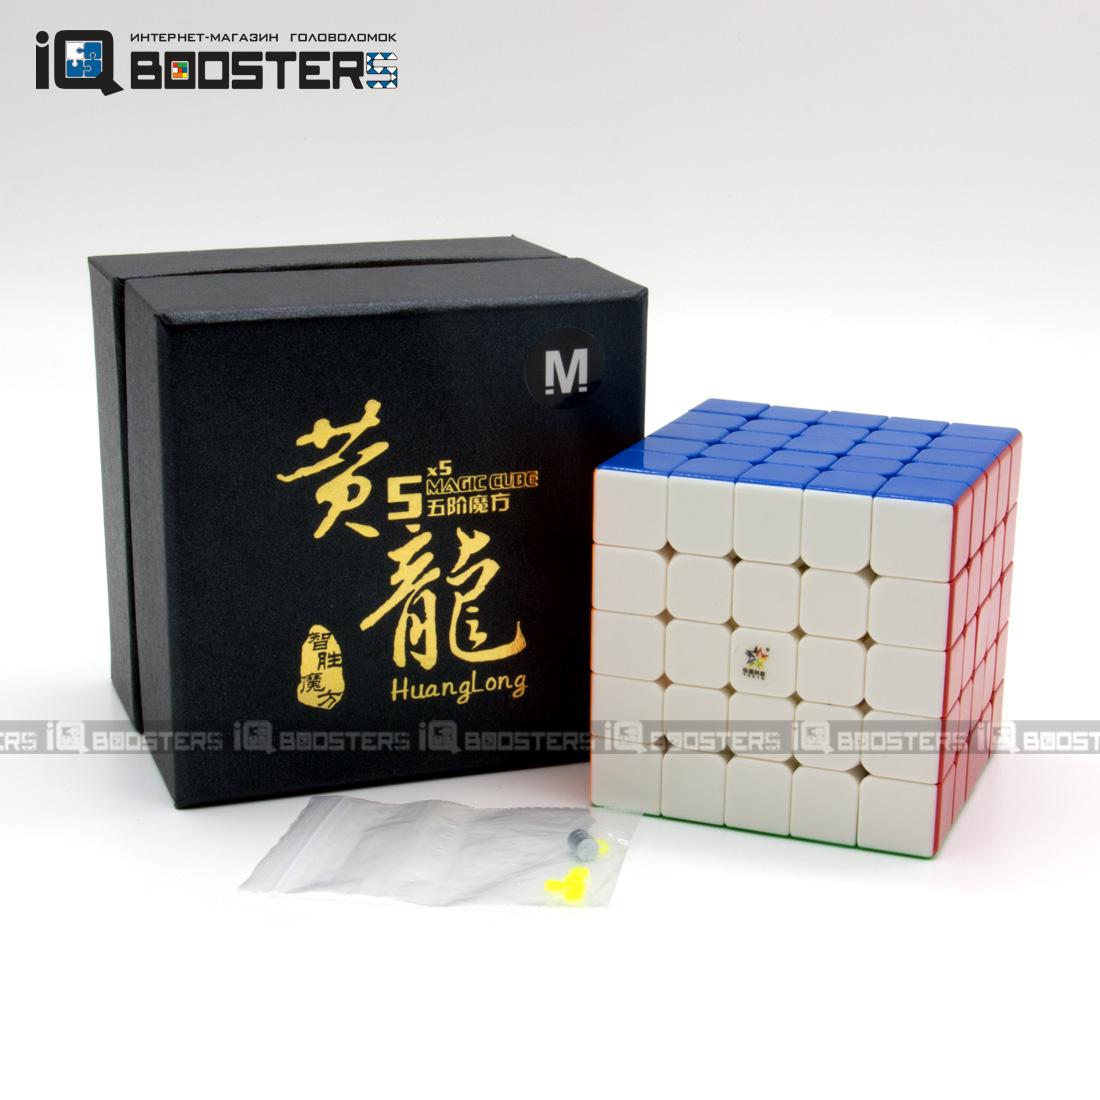 yuxin_5x5_huanglong_m_6